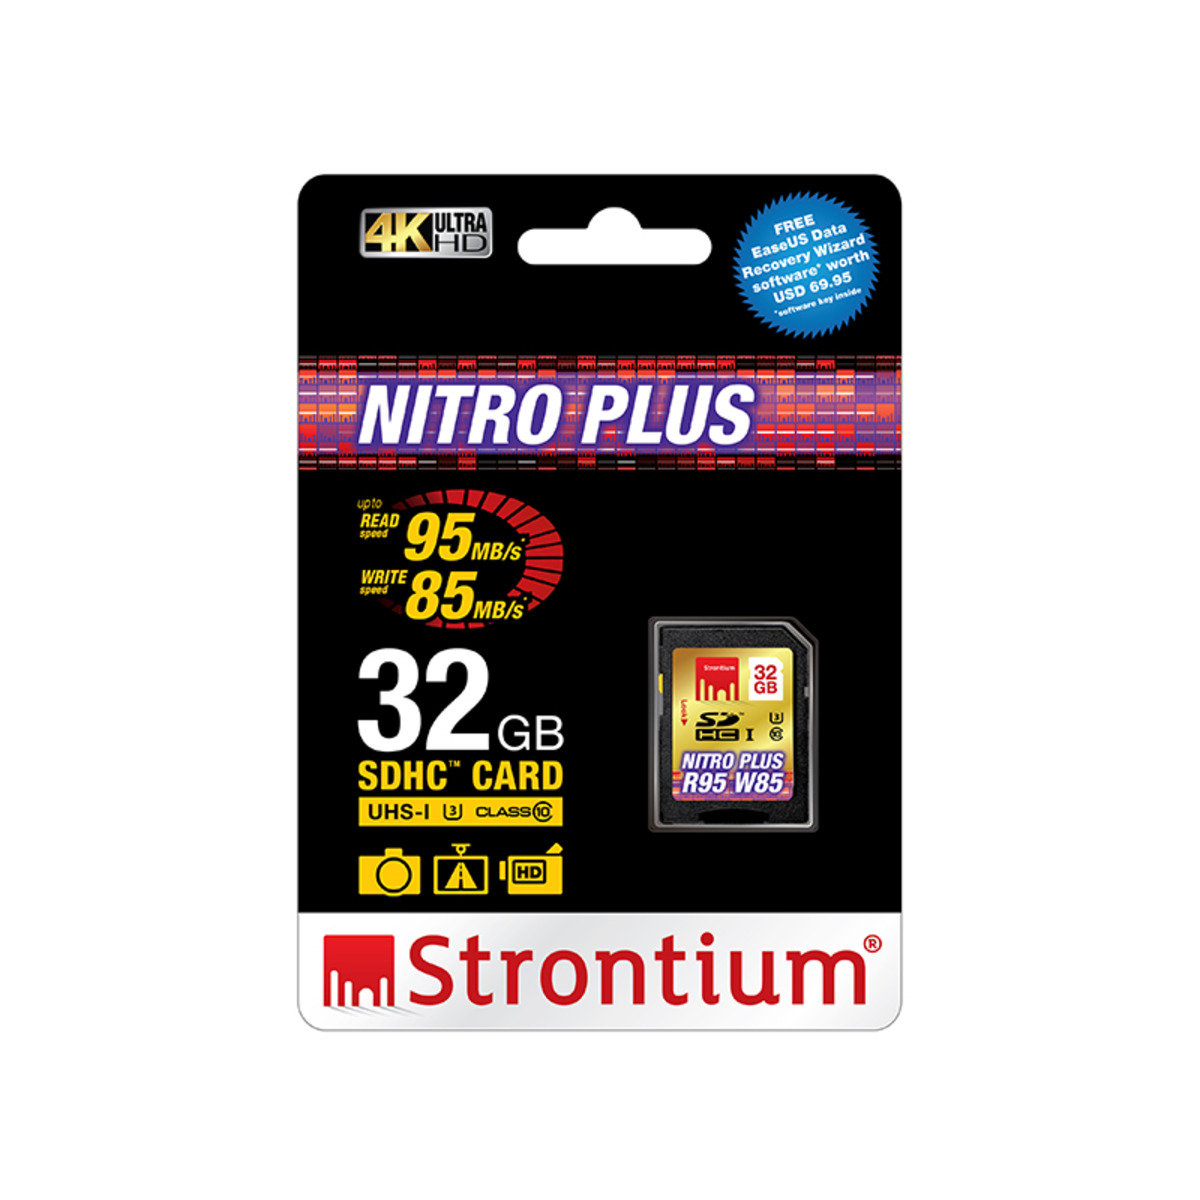 NITRO PLUS 32GB UHS-1 (U3) Class 10 SD SDHC 超高速4K專用記憶卡